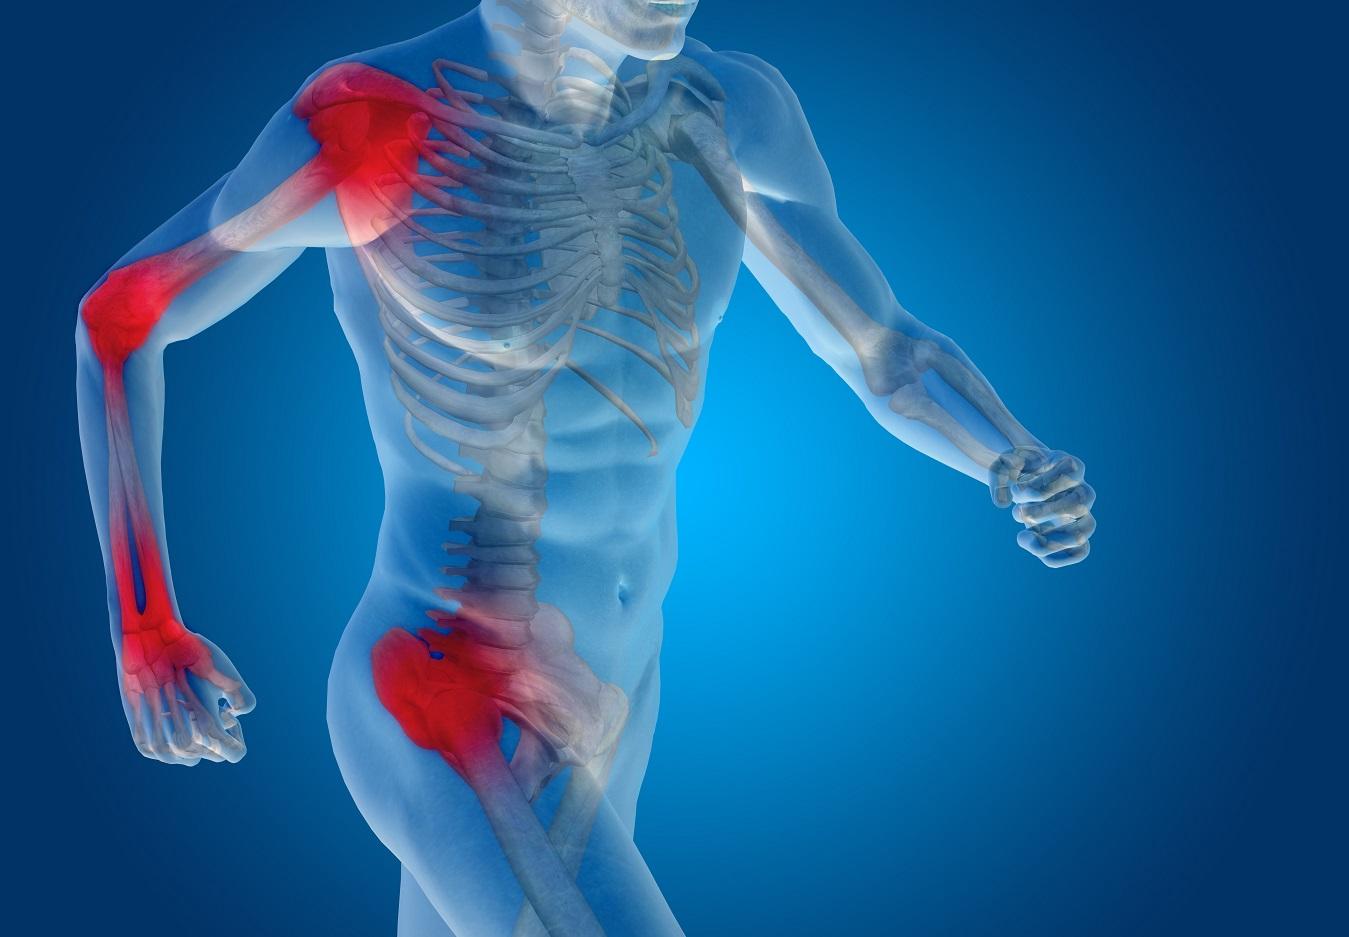 pain management doctors dr phillips